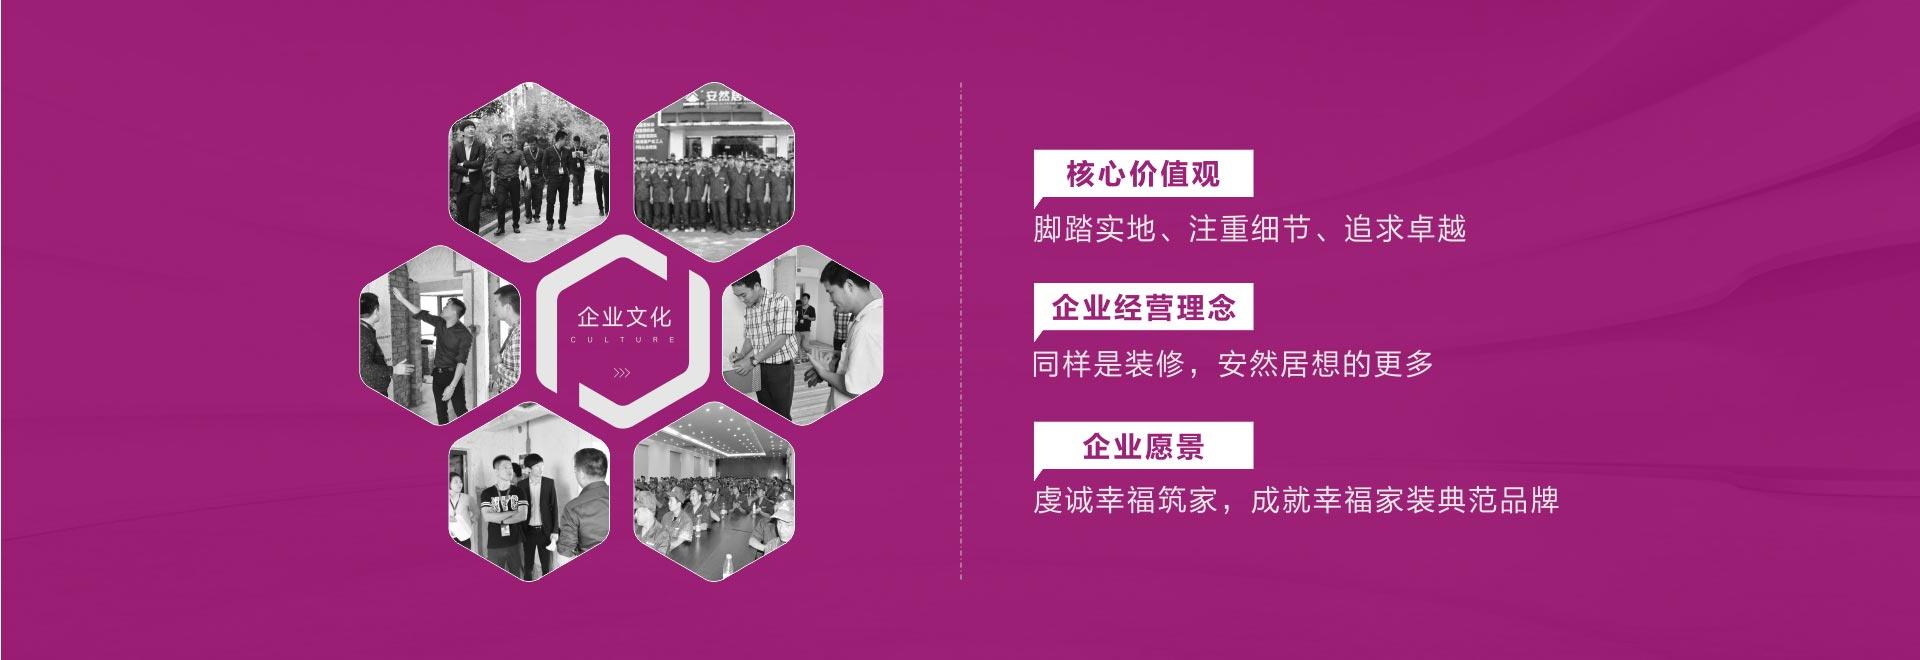 webhua2.jpg